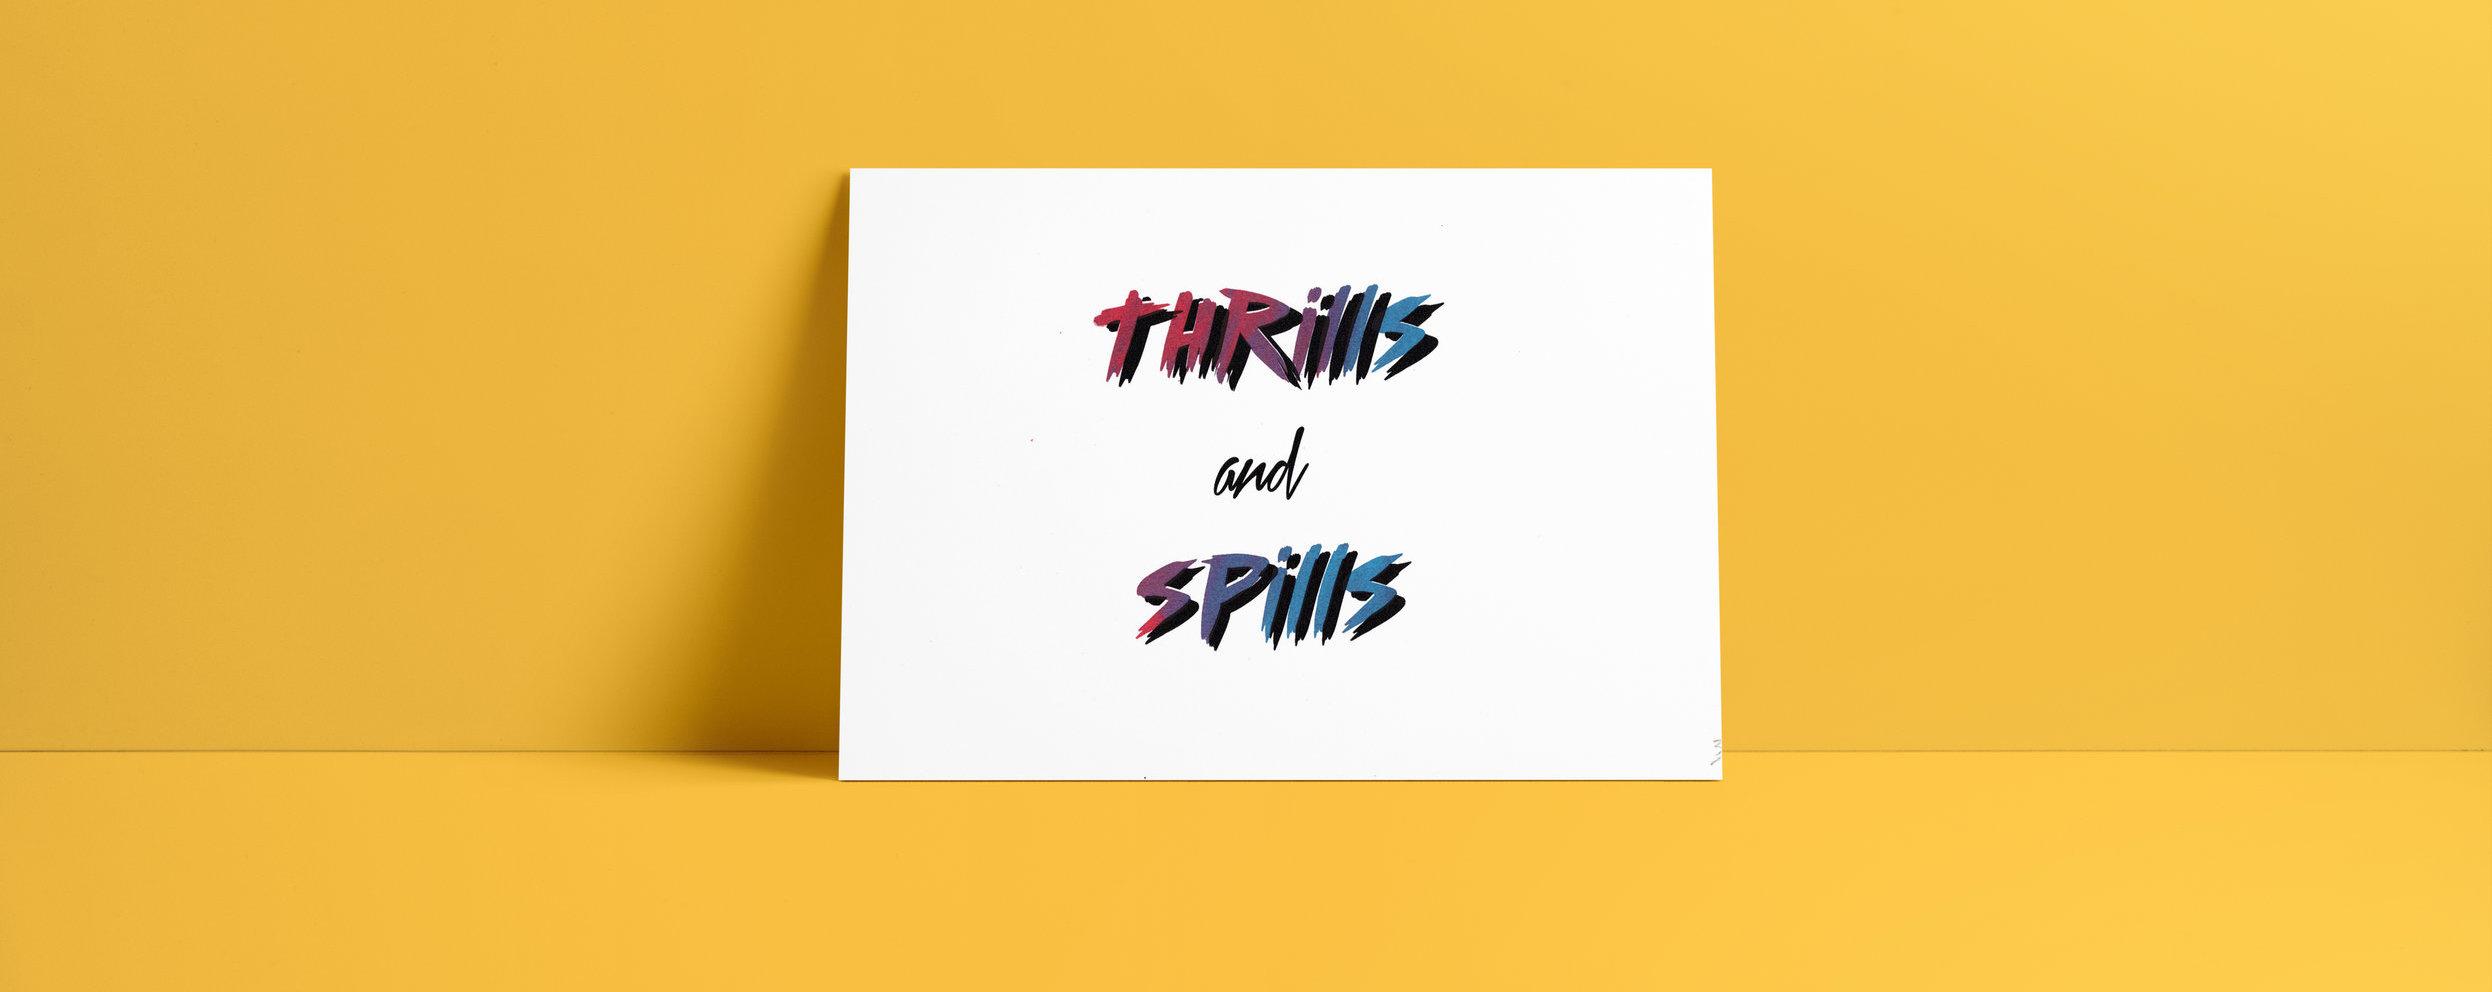 Thrills+spills_red_blue.jpg